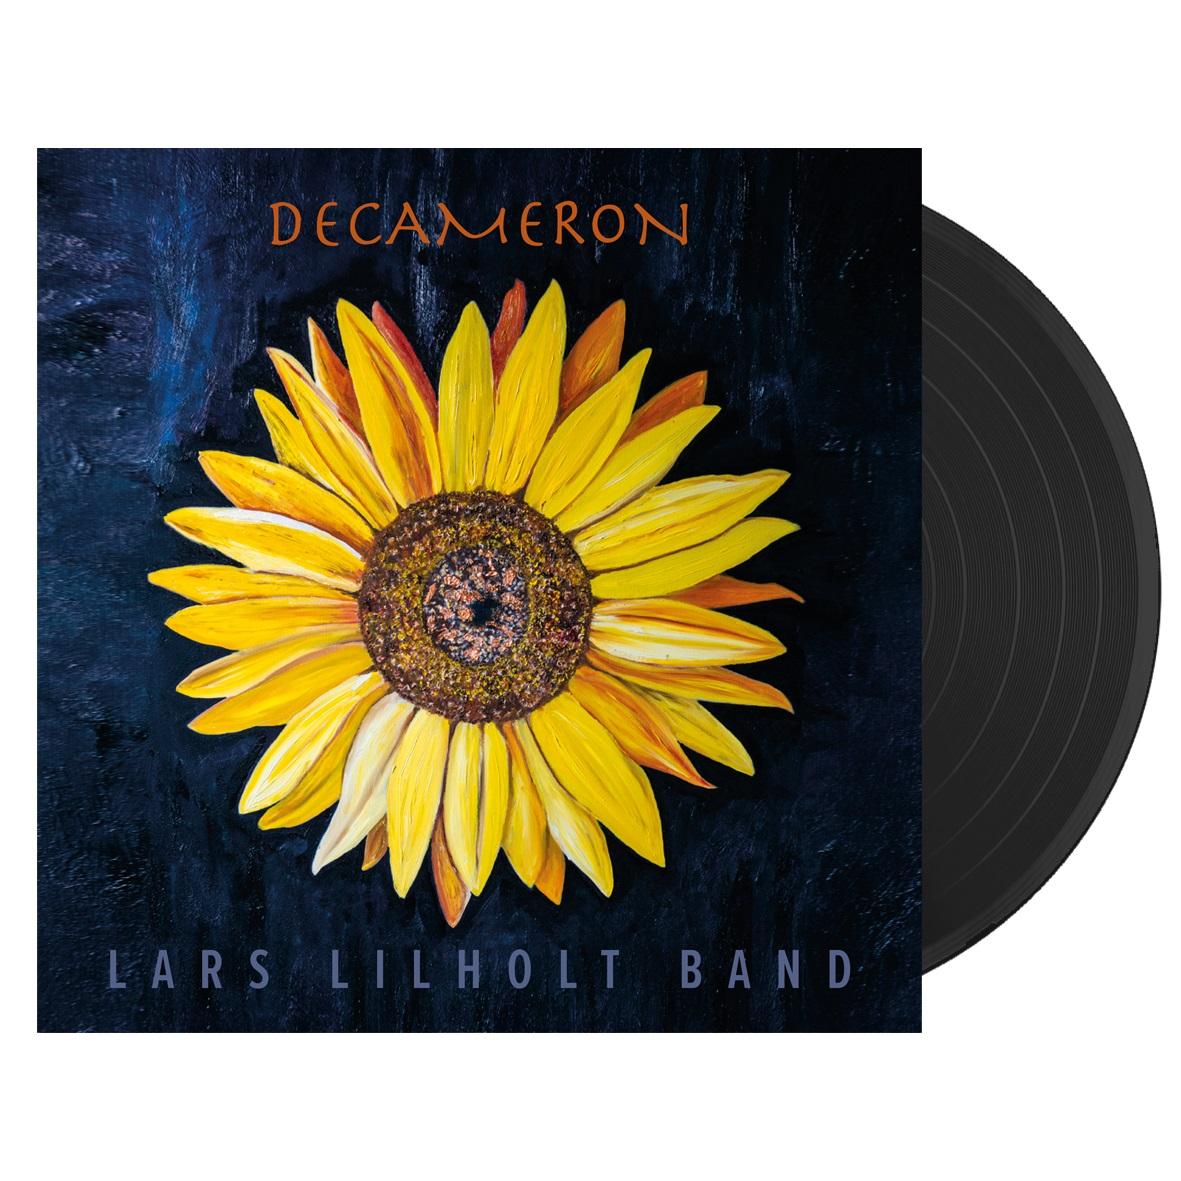 Decameron - Lars Lilholt - Musik - Music Manager - 5712192003336 - 23. april 2021